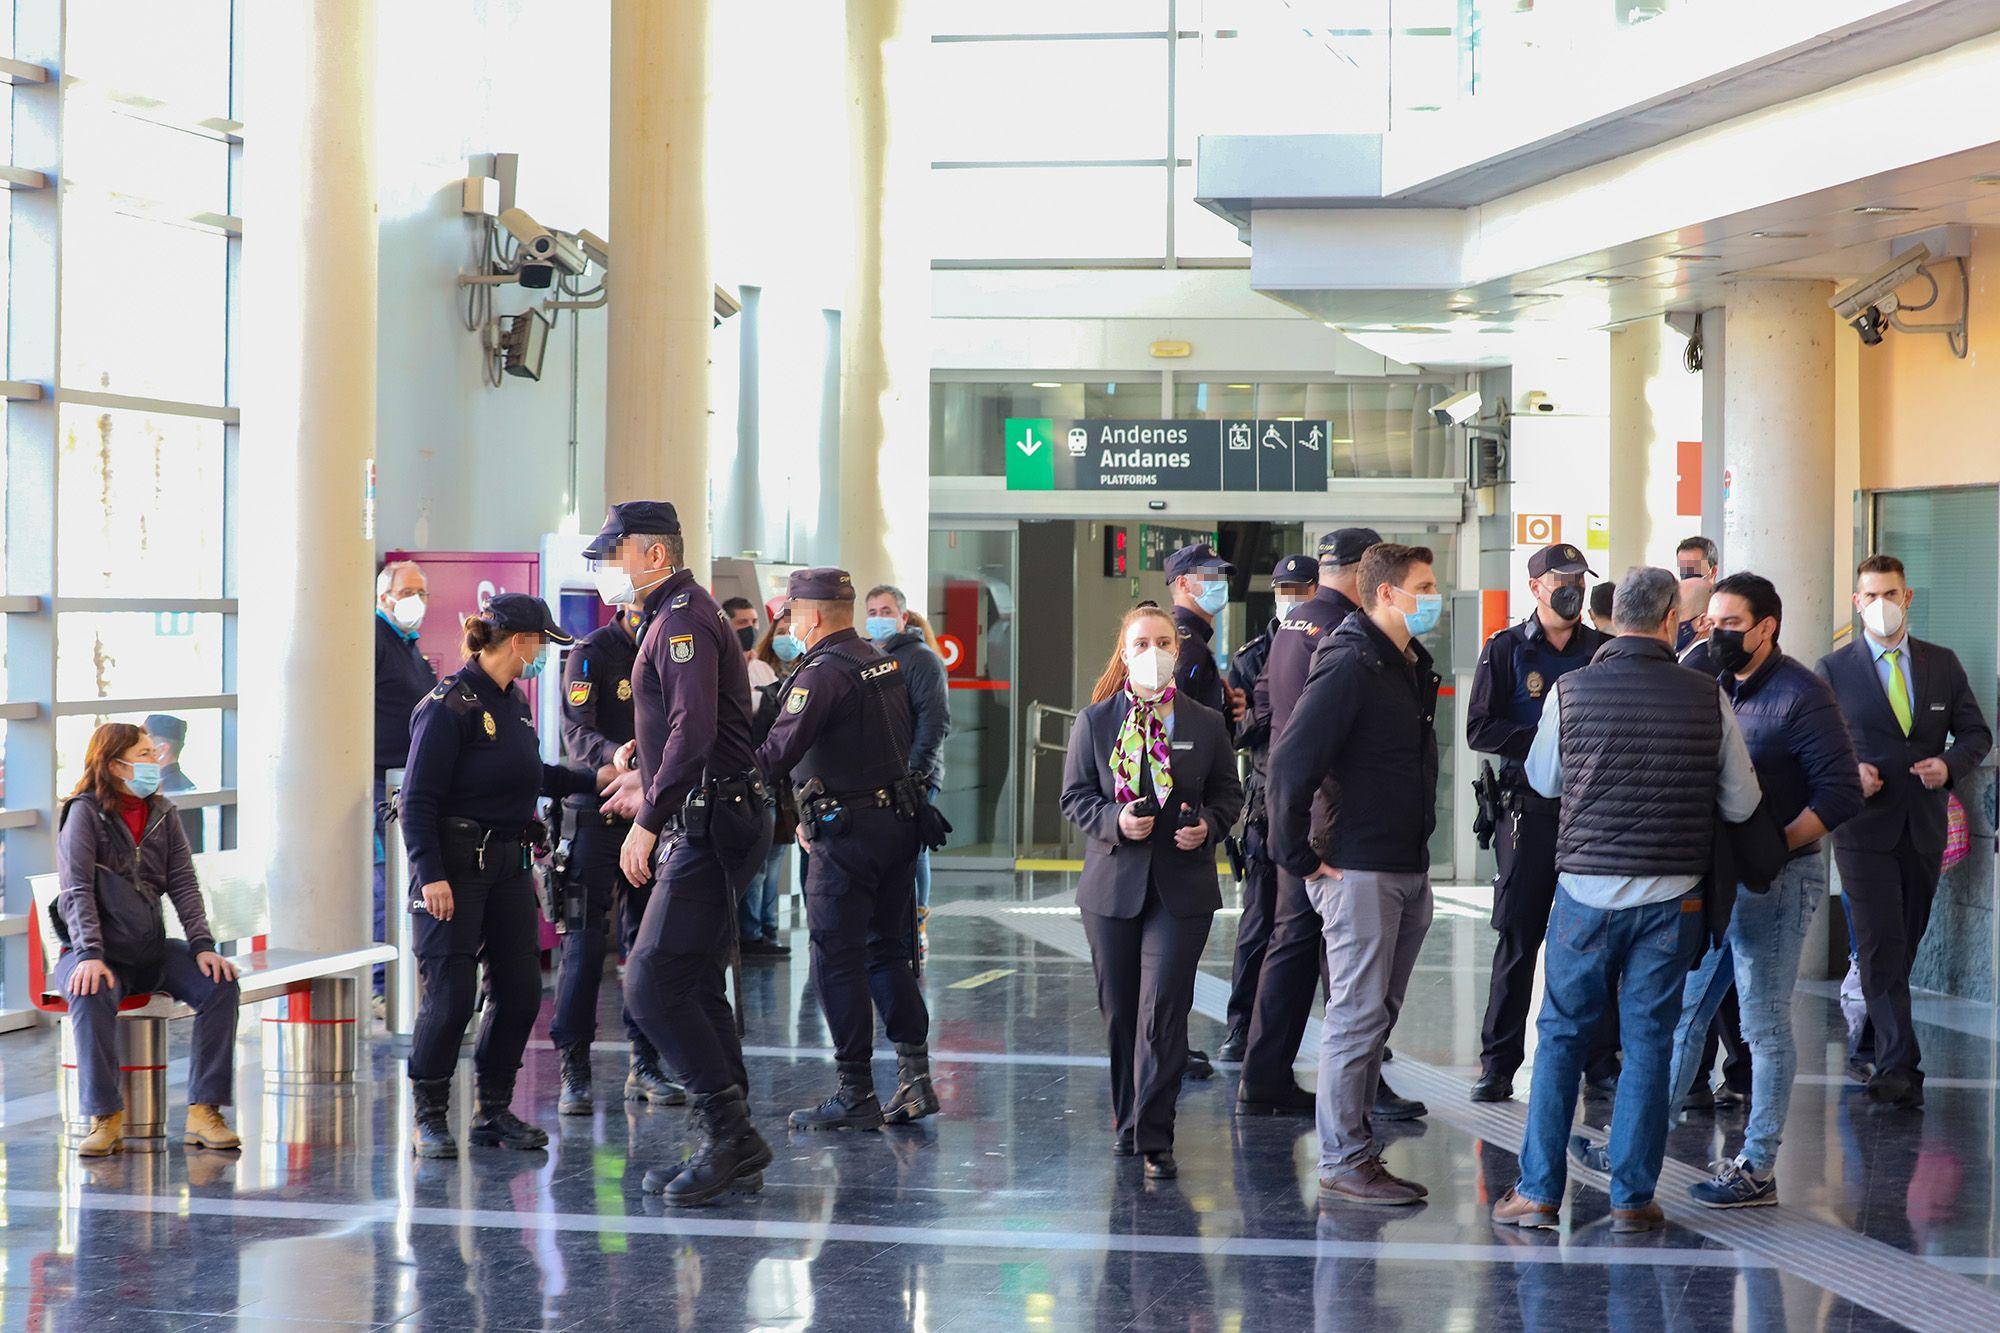 Tensión y mucha policía en Orihuela por la llegada de Pedro Sánchez para inaugurar el AVE